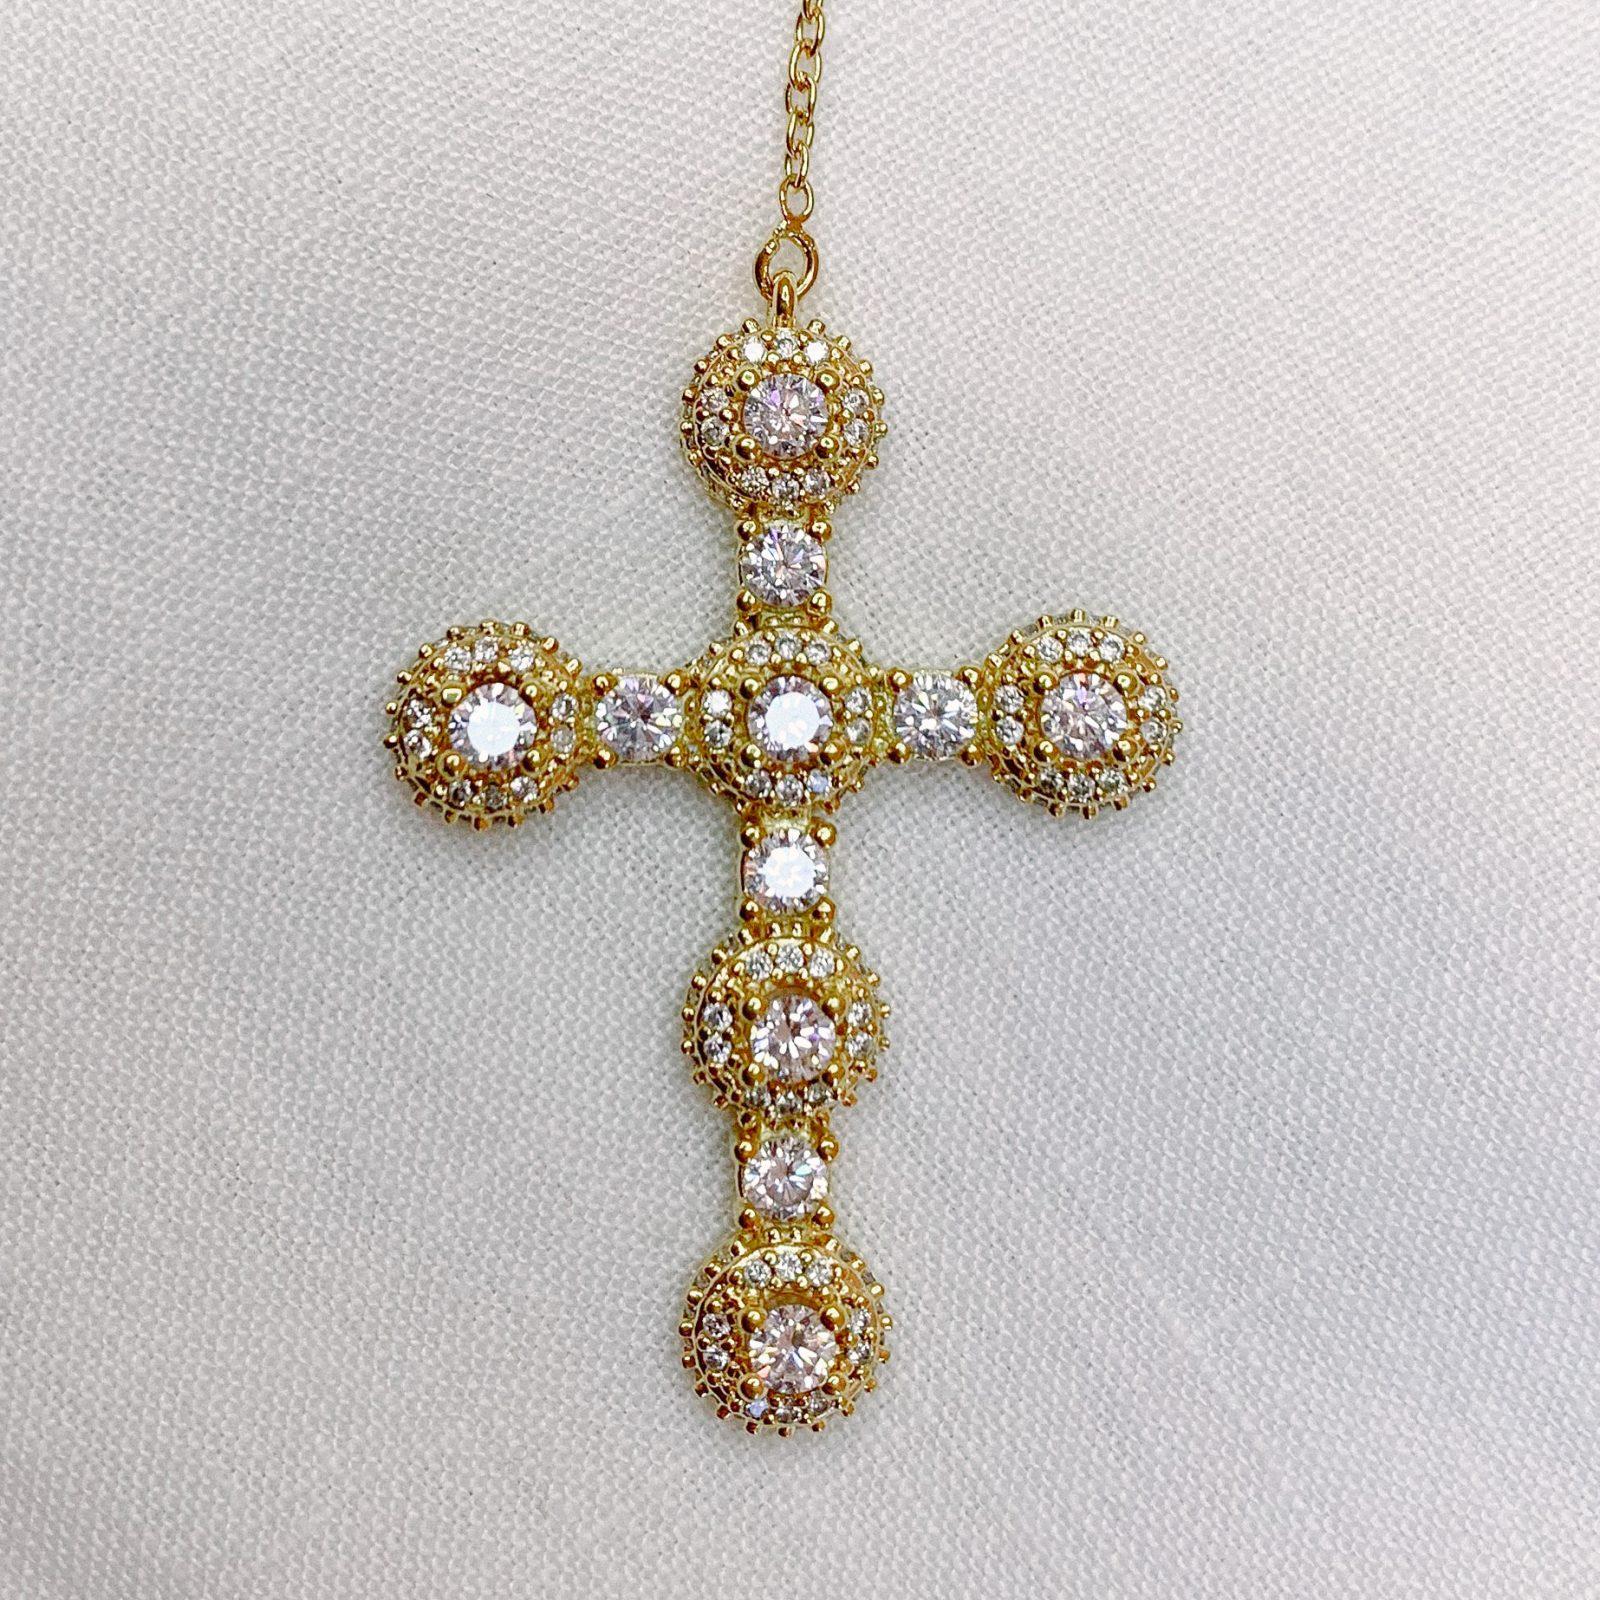 Colar Crucifixo Pontos de Luz Cravejado | Lanarée Acessórios